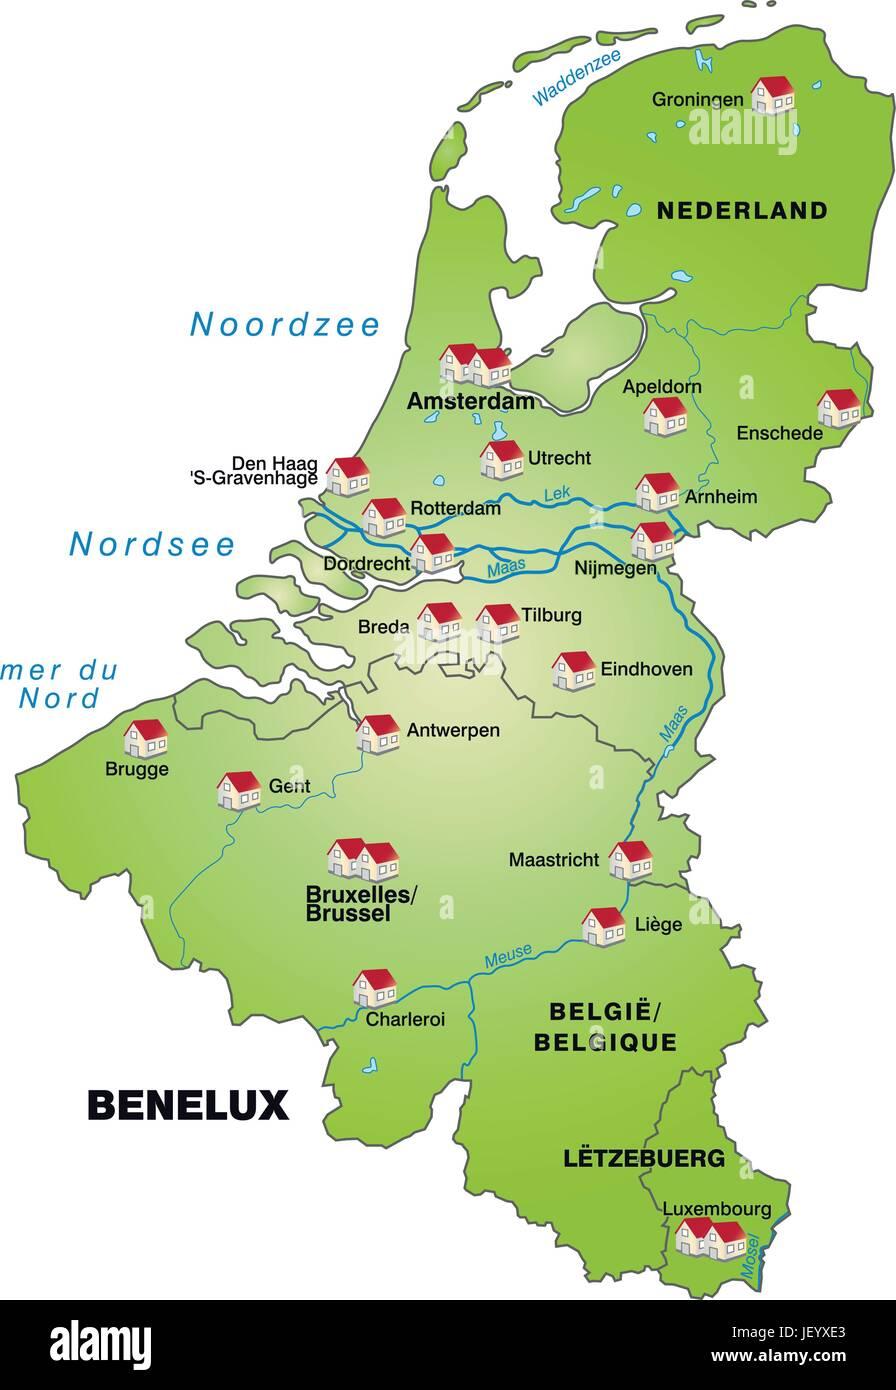 belgium netherlands benelux card outline borders luxembourg atlas map